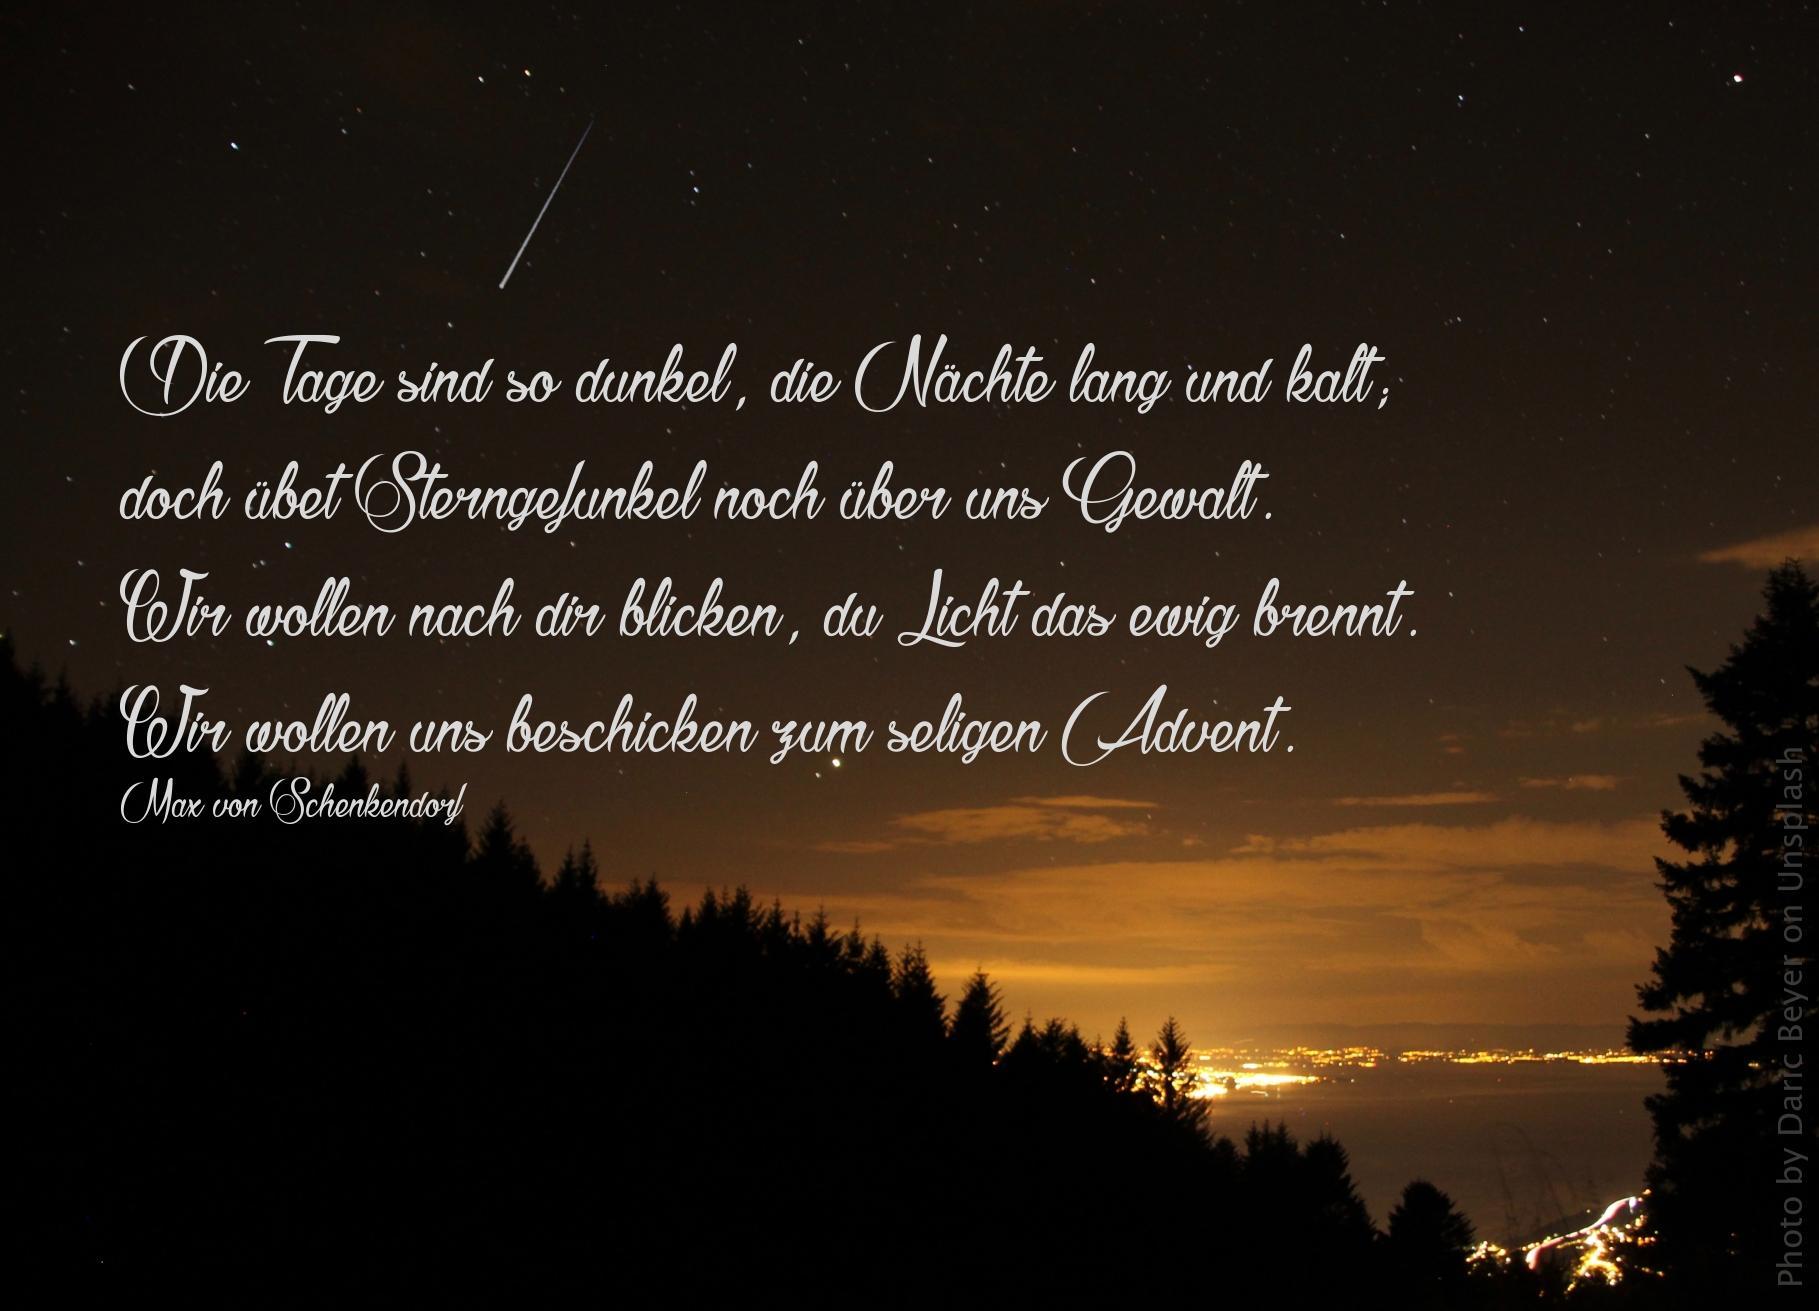 """alt=""""dunkler_sternenhimmel_ueber_erleuchteter_stadt_erwartet_bibehoerbuch_obadja"""""""